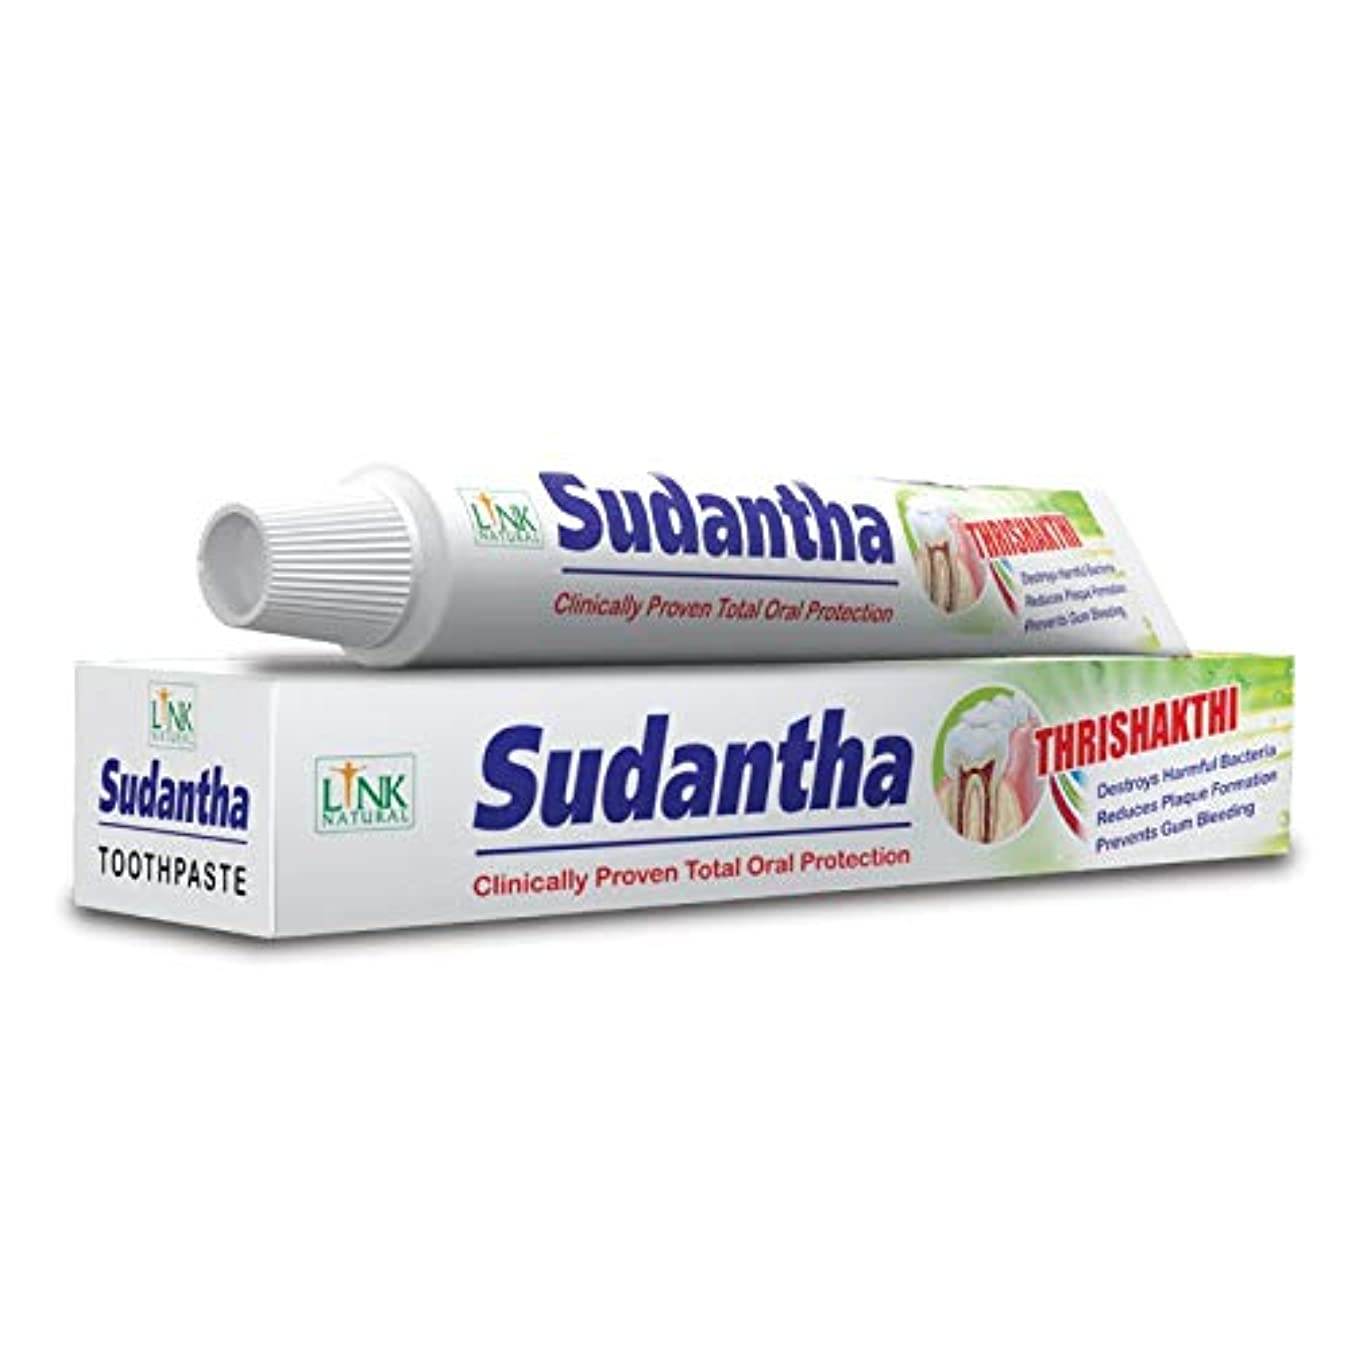 縫うひいきにする間隔2 x 80 g リンクSudanthaホメオパシーHerbal Toothpaste for合計Oral保護